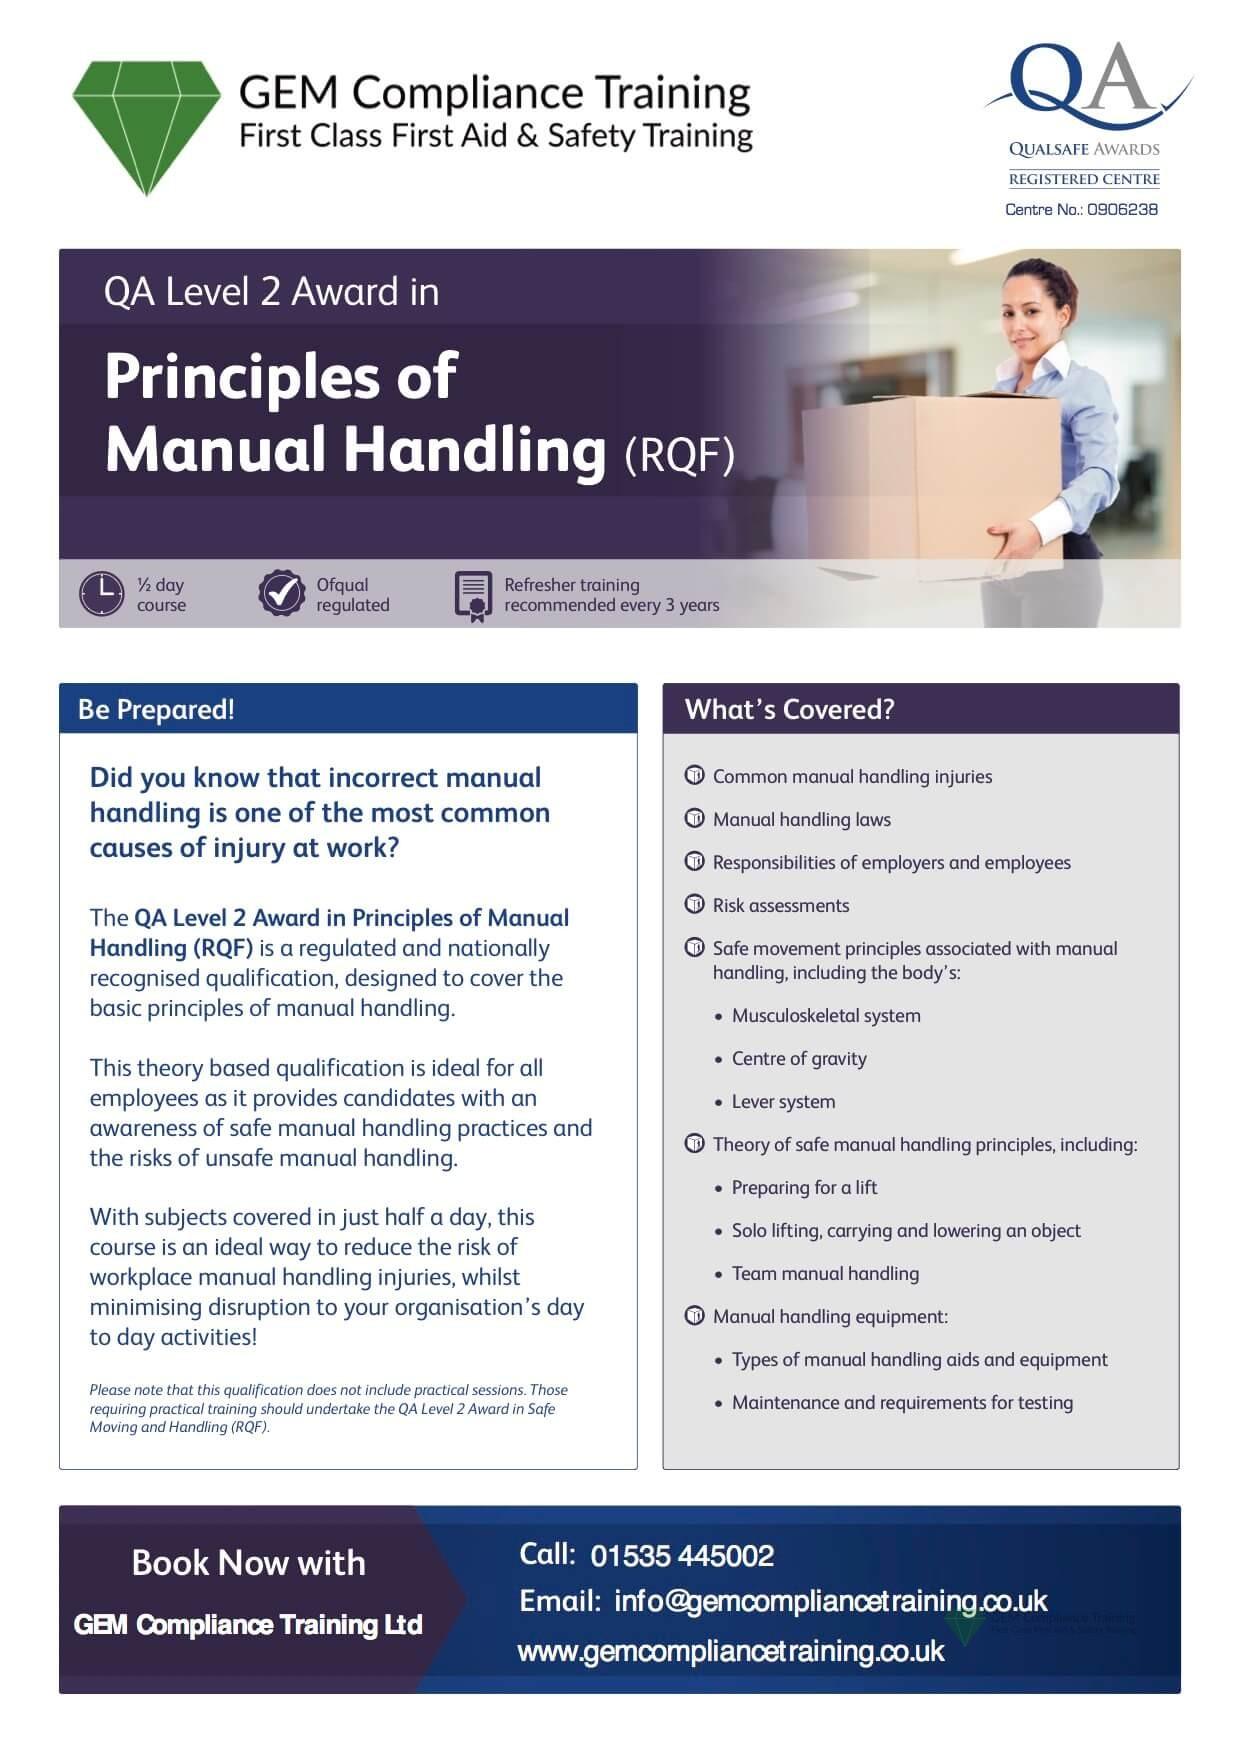 Principles of Manual Handling